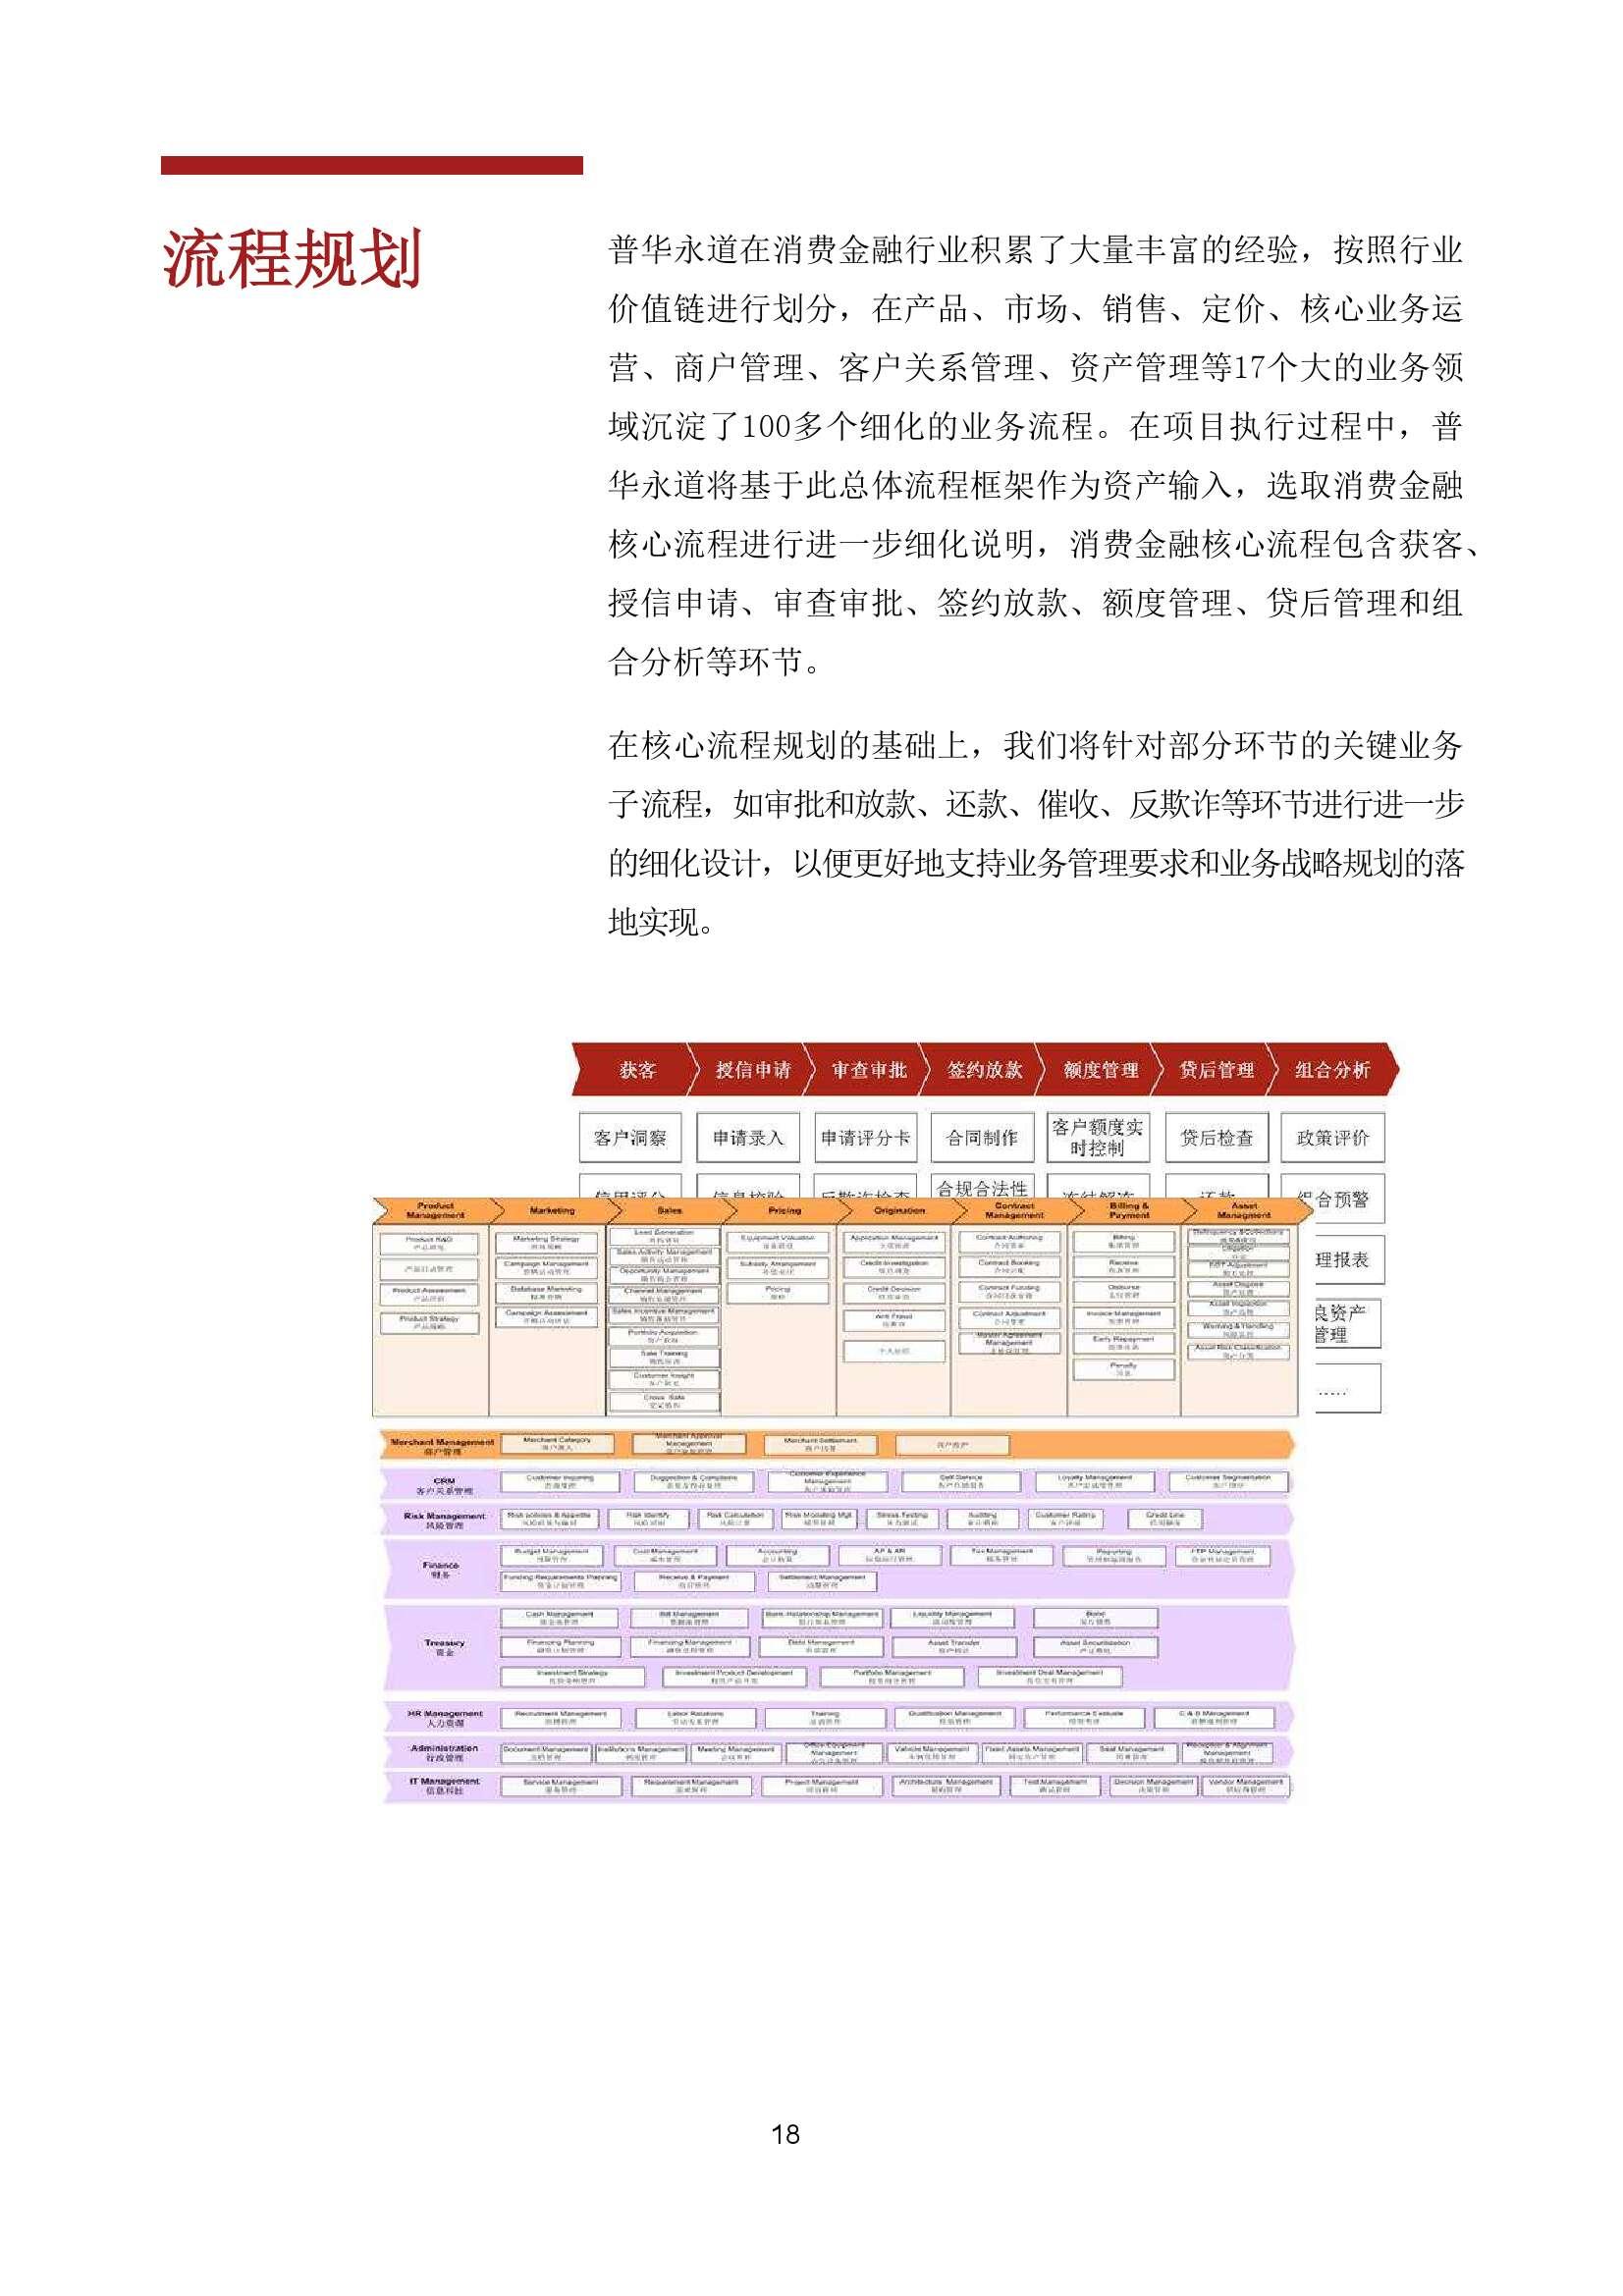 中国零售银行的蓝海_000018